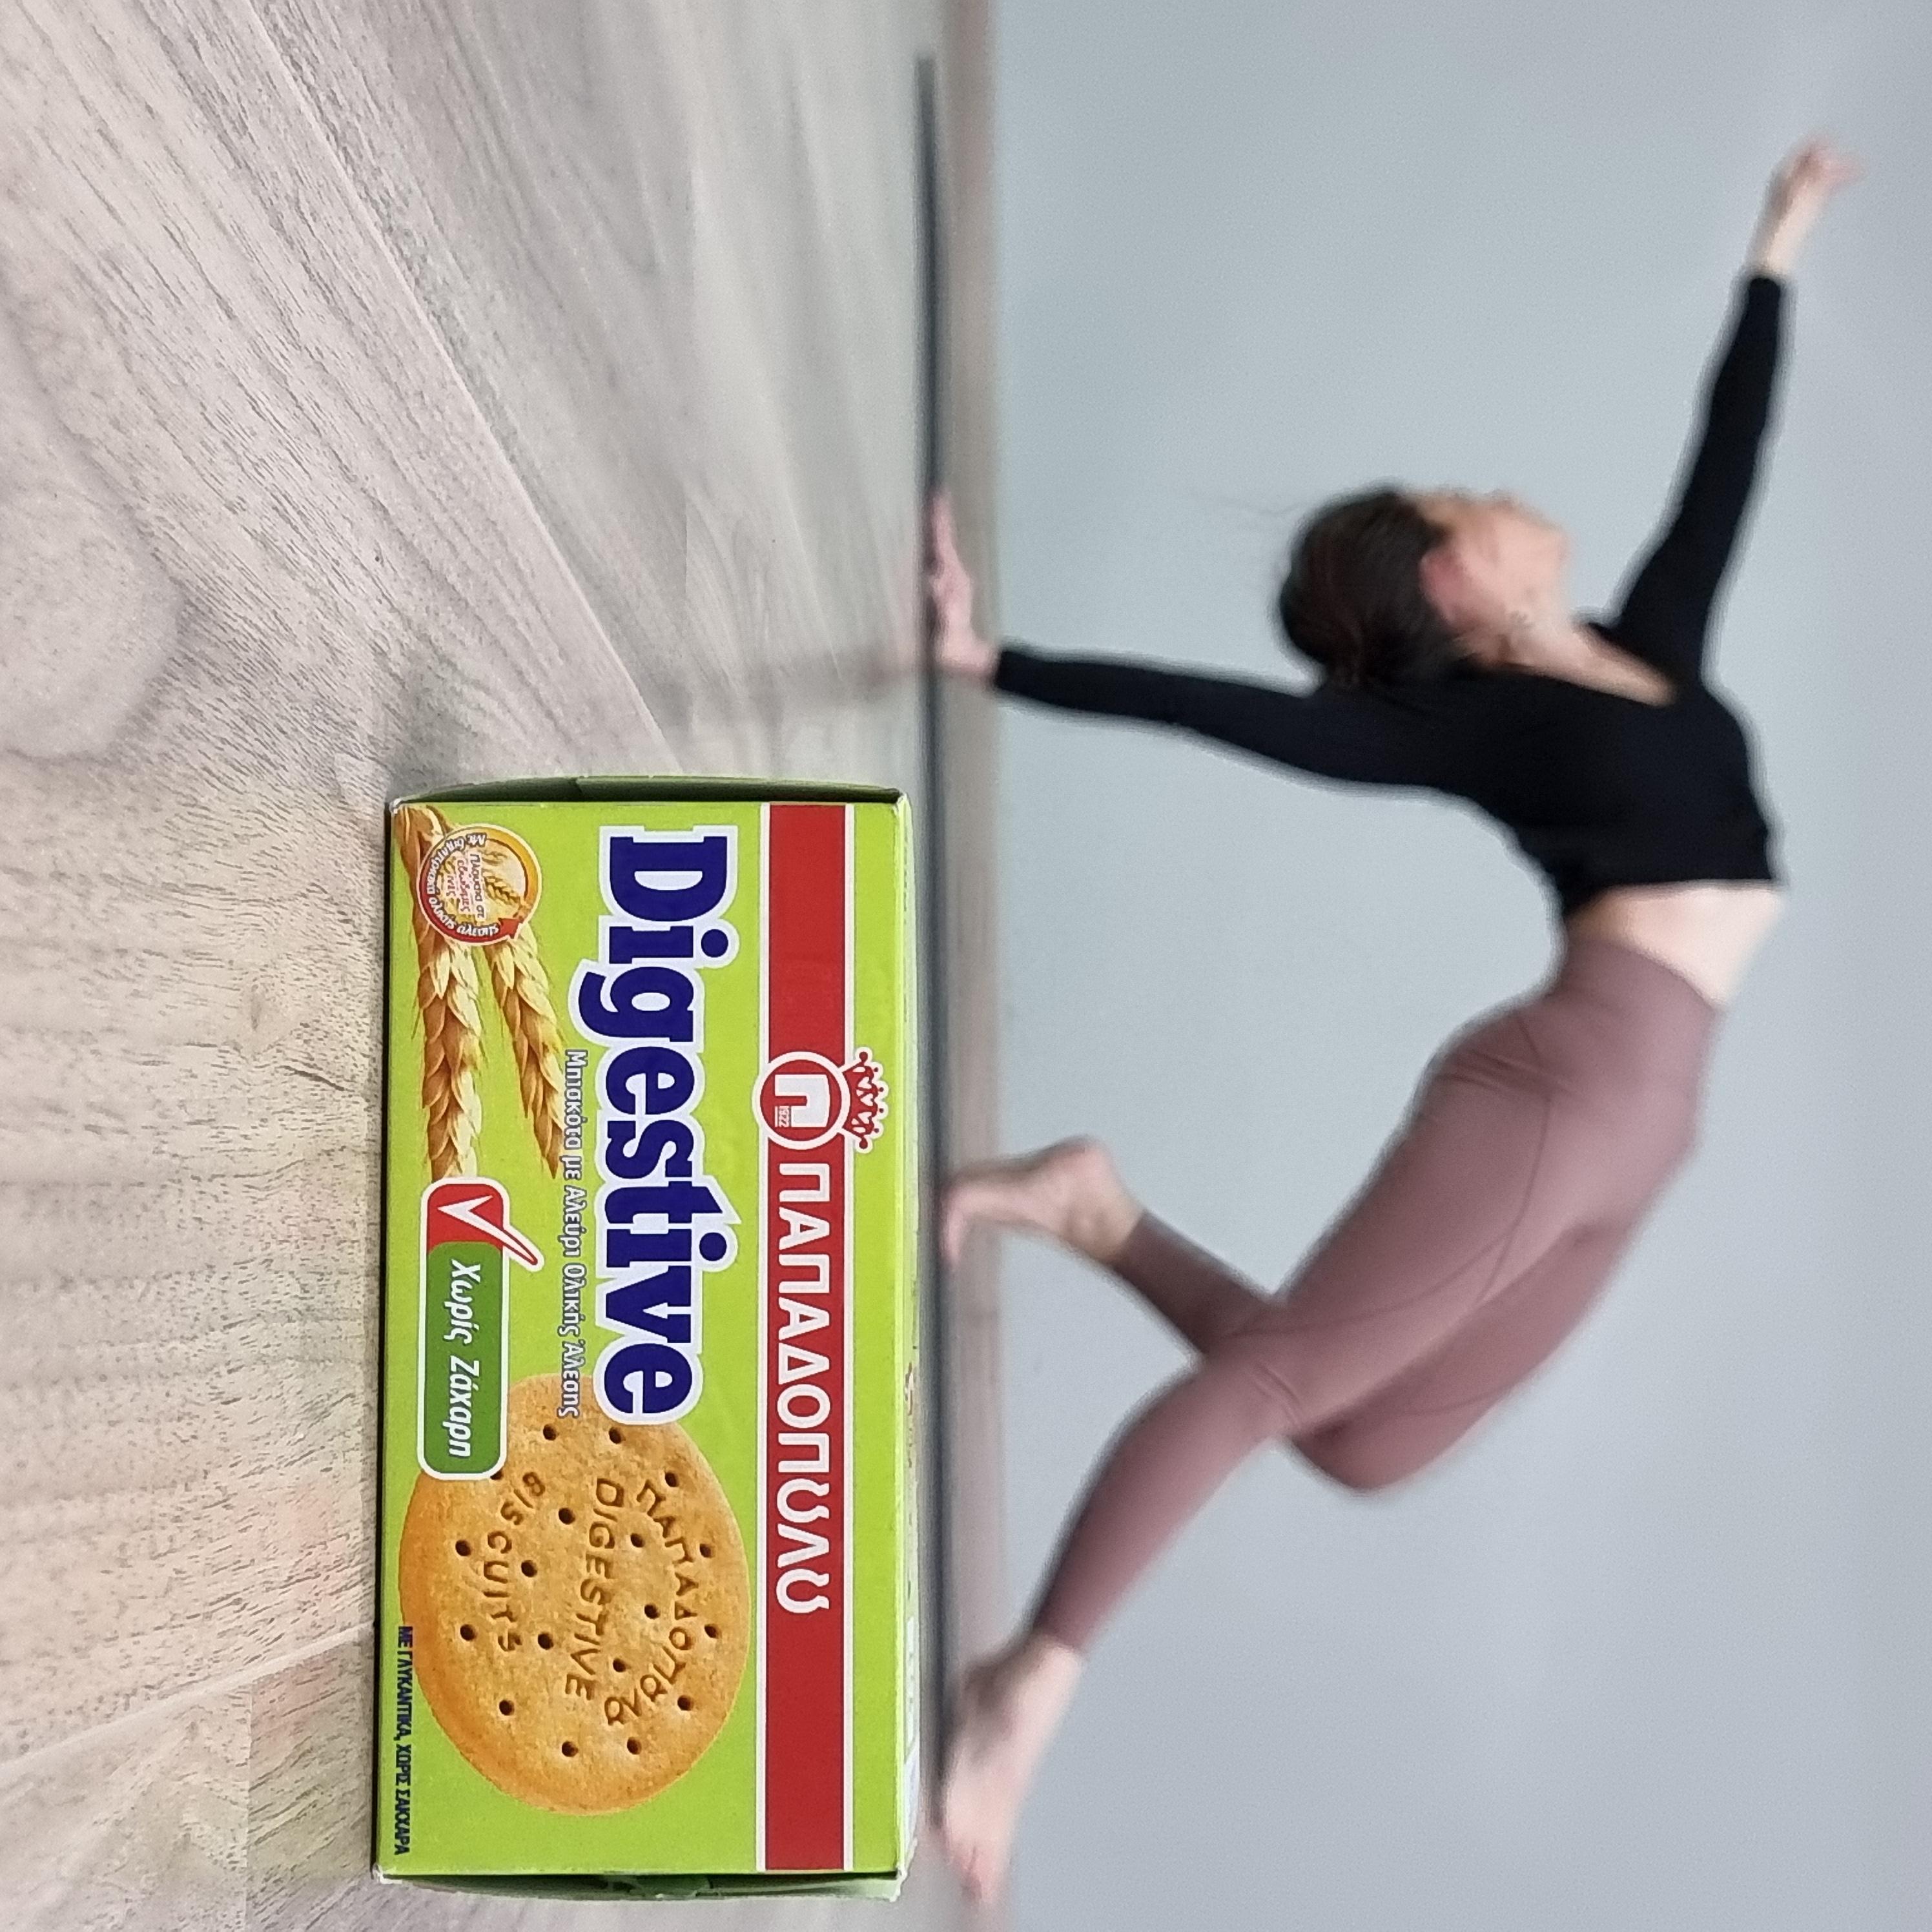 image for Digestive χωρίς ζάχαρη το ανάλαφρο σνακ σου μετά την προπόνηση!